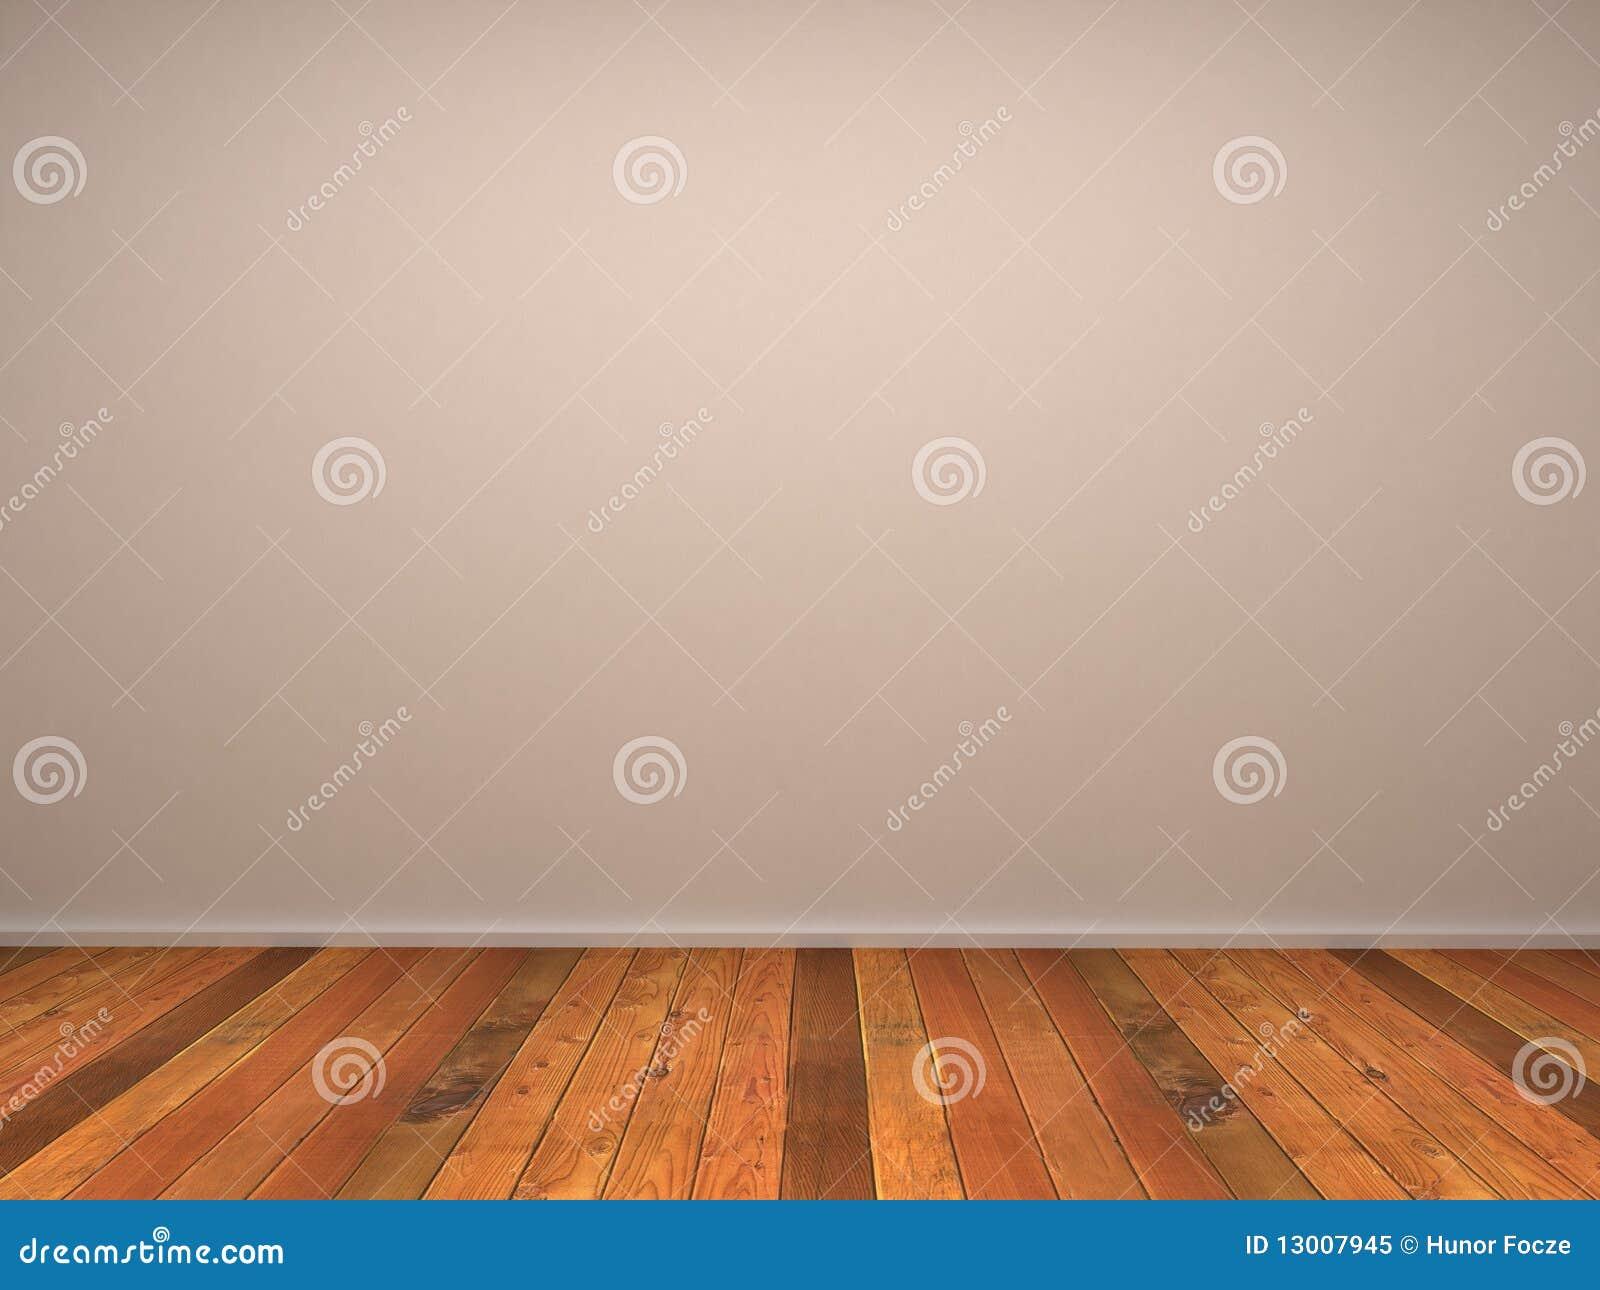 3d esvaziam a parede do quarto com parquet de madeira